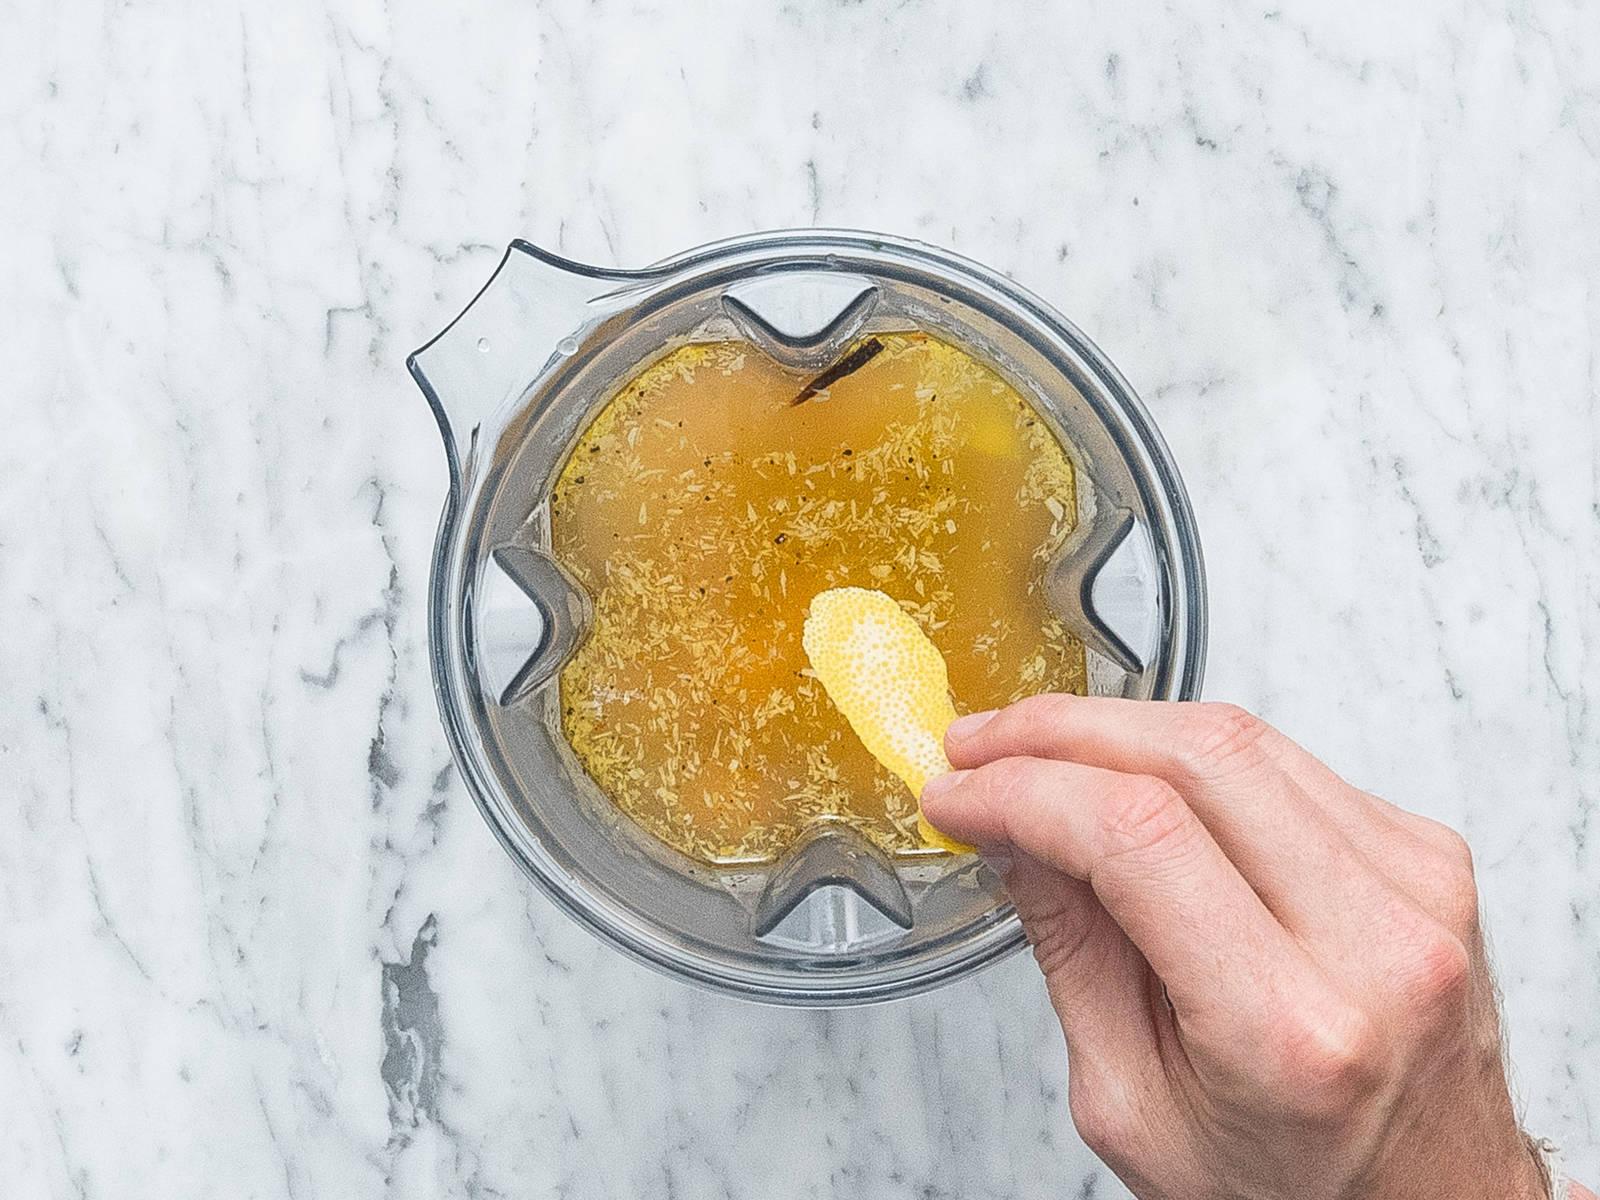 生姜削皮剁碎。将红薯混合物放入搅拌机。加入生姜、柠檬皮碎、热蔬菜高汤和橙汁。高速搅打40秒,或直至混合物质地顺滑。用盐与胡椒调味。